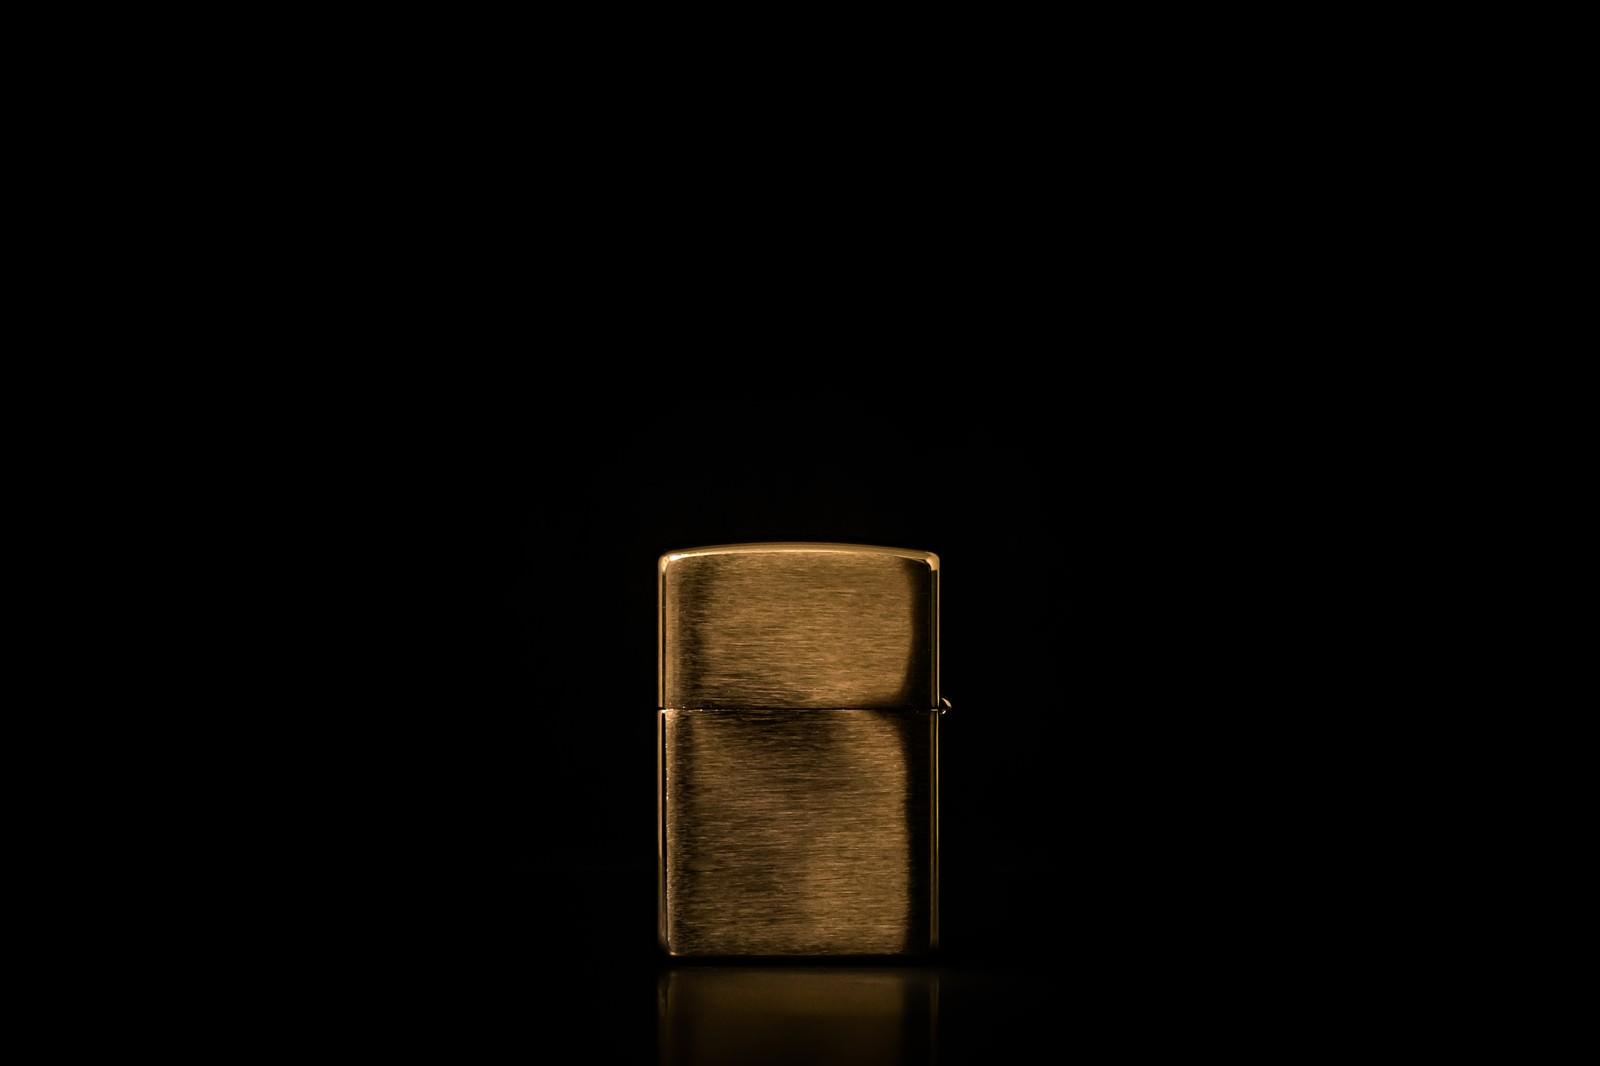 「四角いオイルライター」の写真